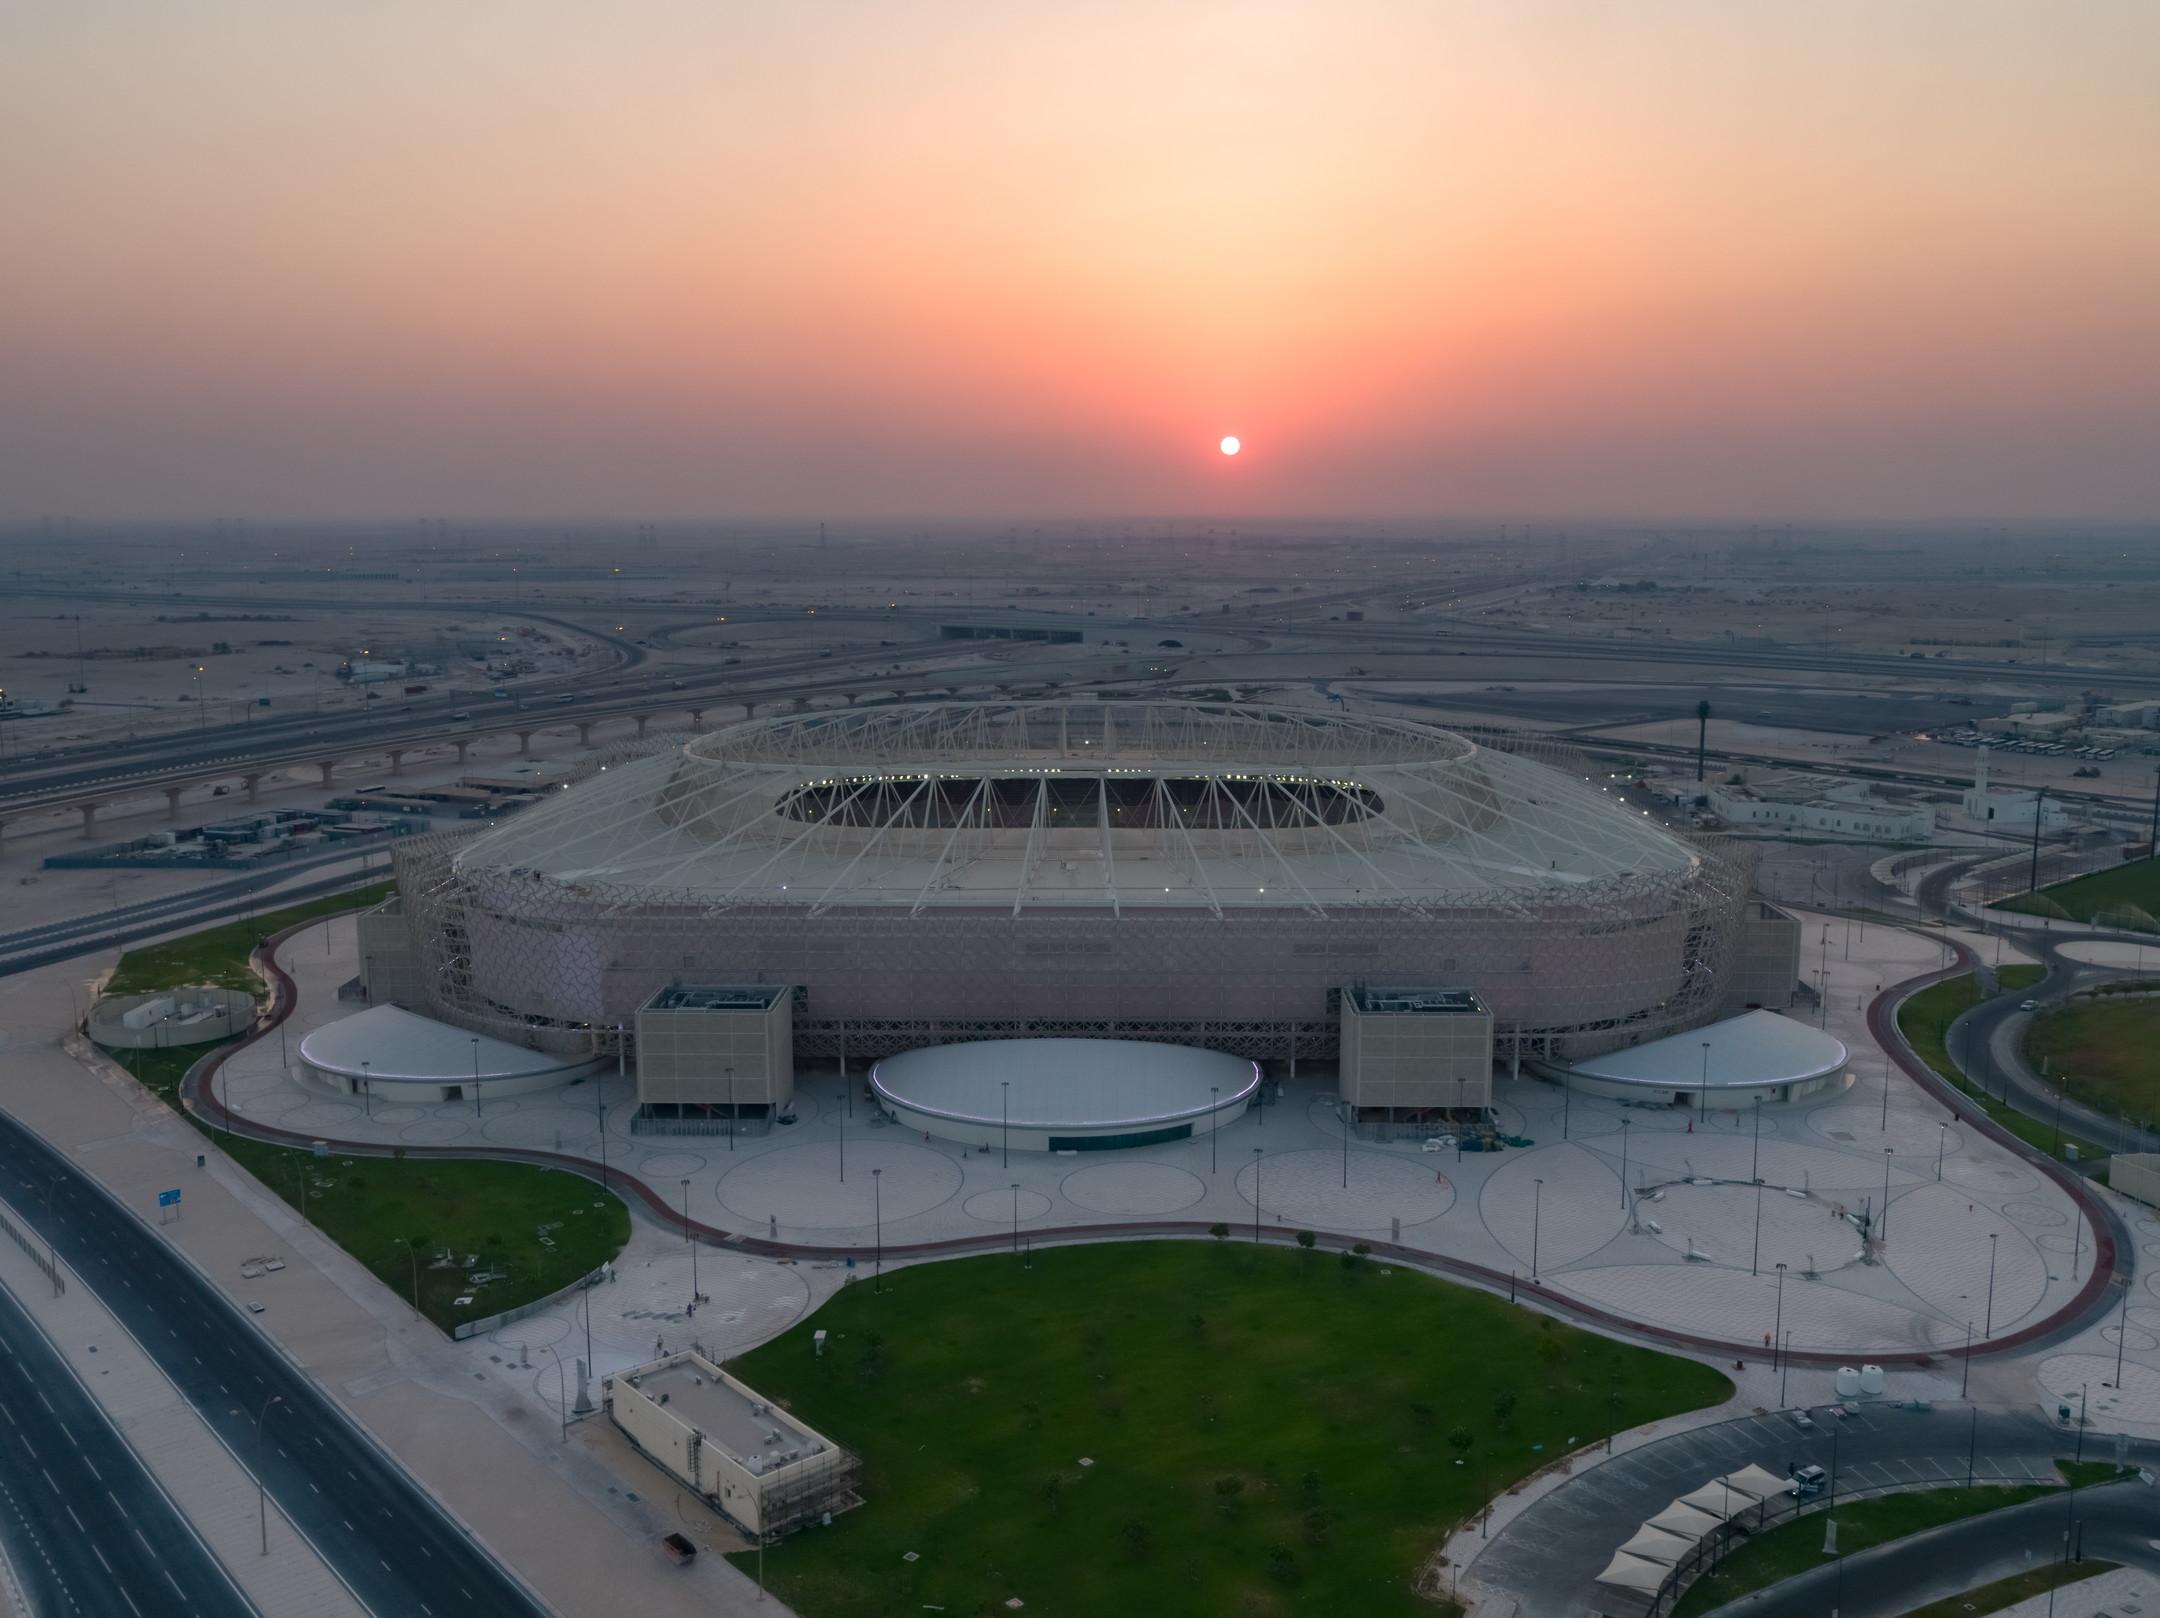 L&#39;Al Rayyan&nbsp;Stadium verr&agrave; inaugurato il 18 dicembre a due anni di distanza esatti dalla rassegna mondiale ed &egrave; il quarto impianto pronto con 40mila posti a sedere<br /><br />